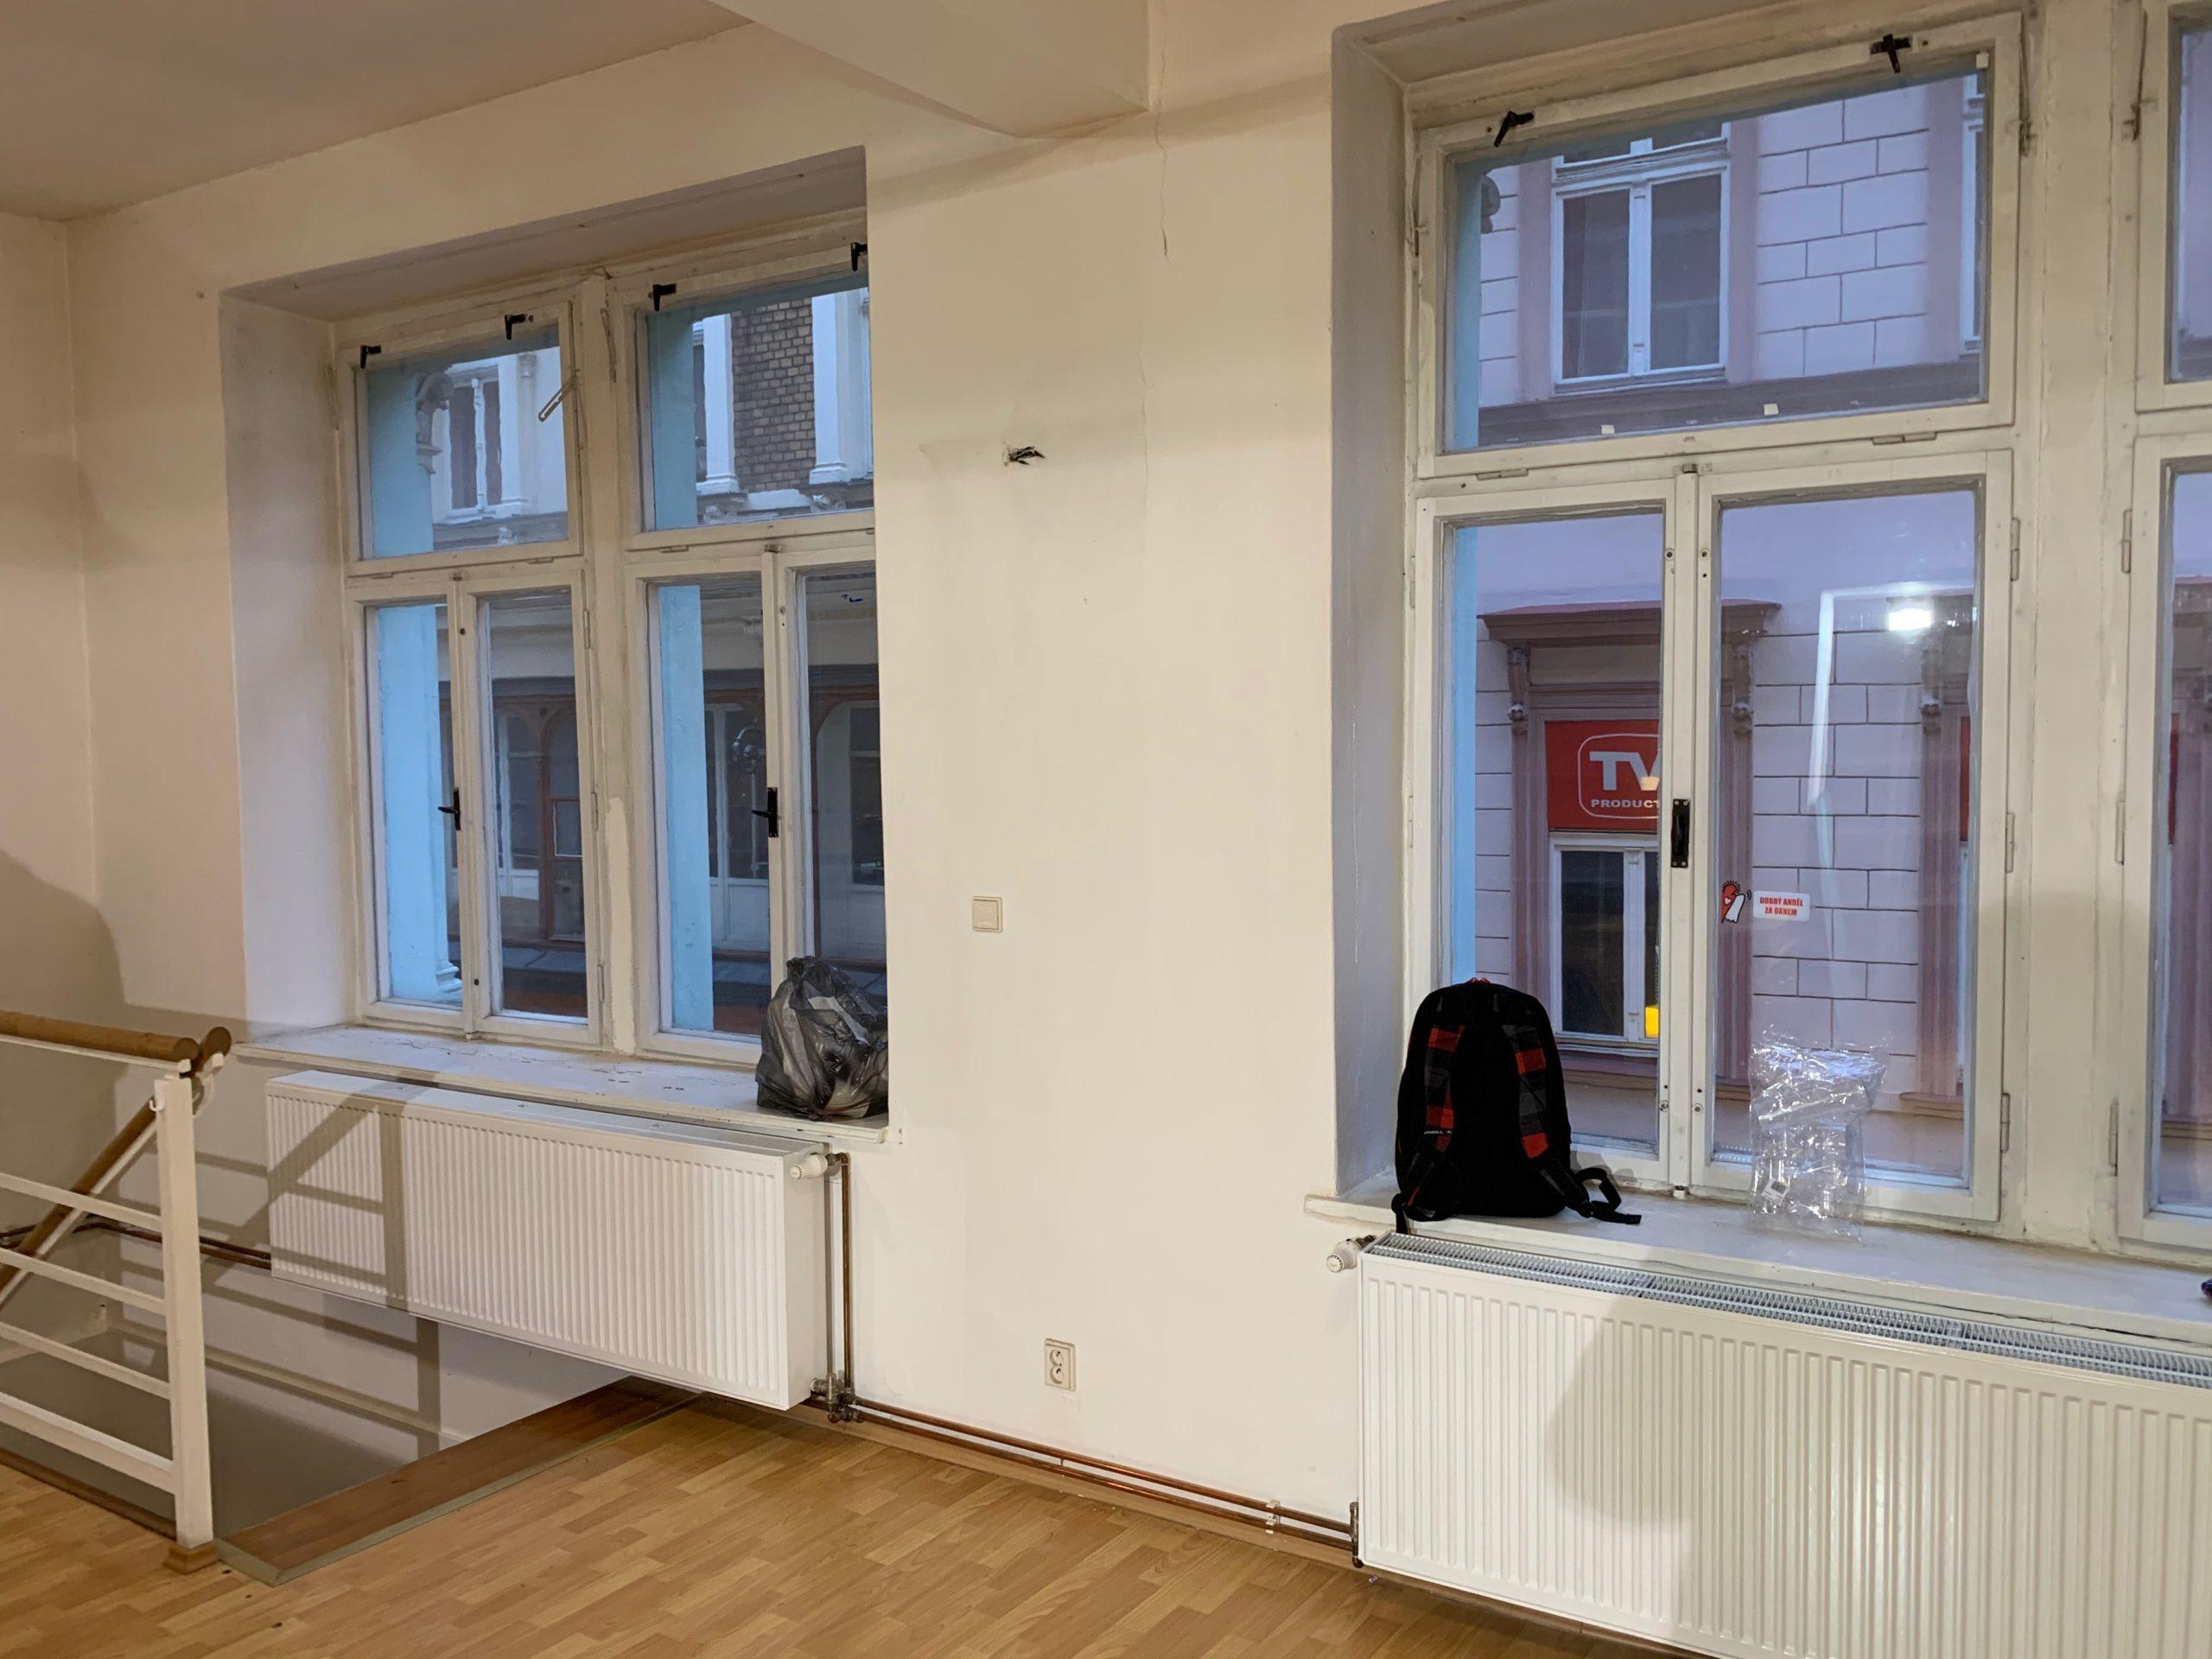 Byt v centru Liberce v ul. Pražská